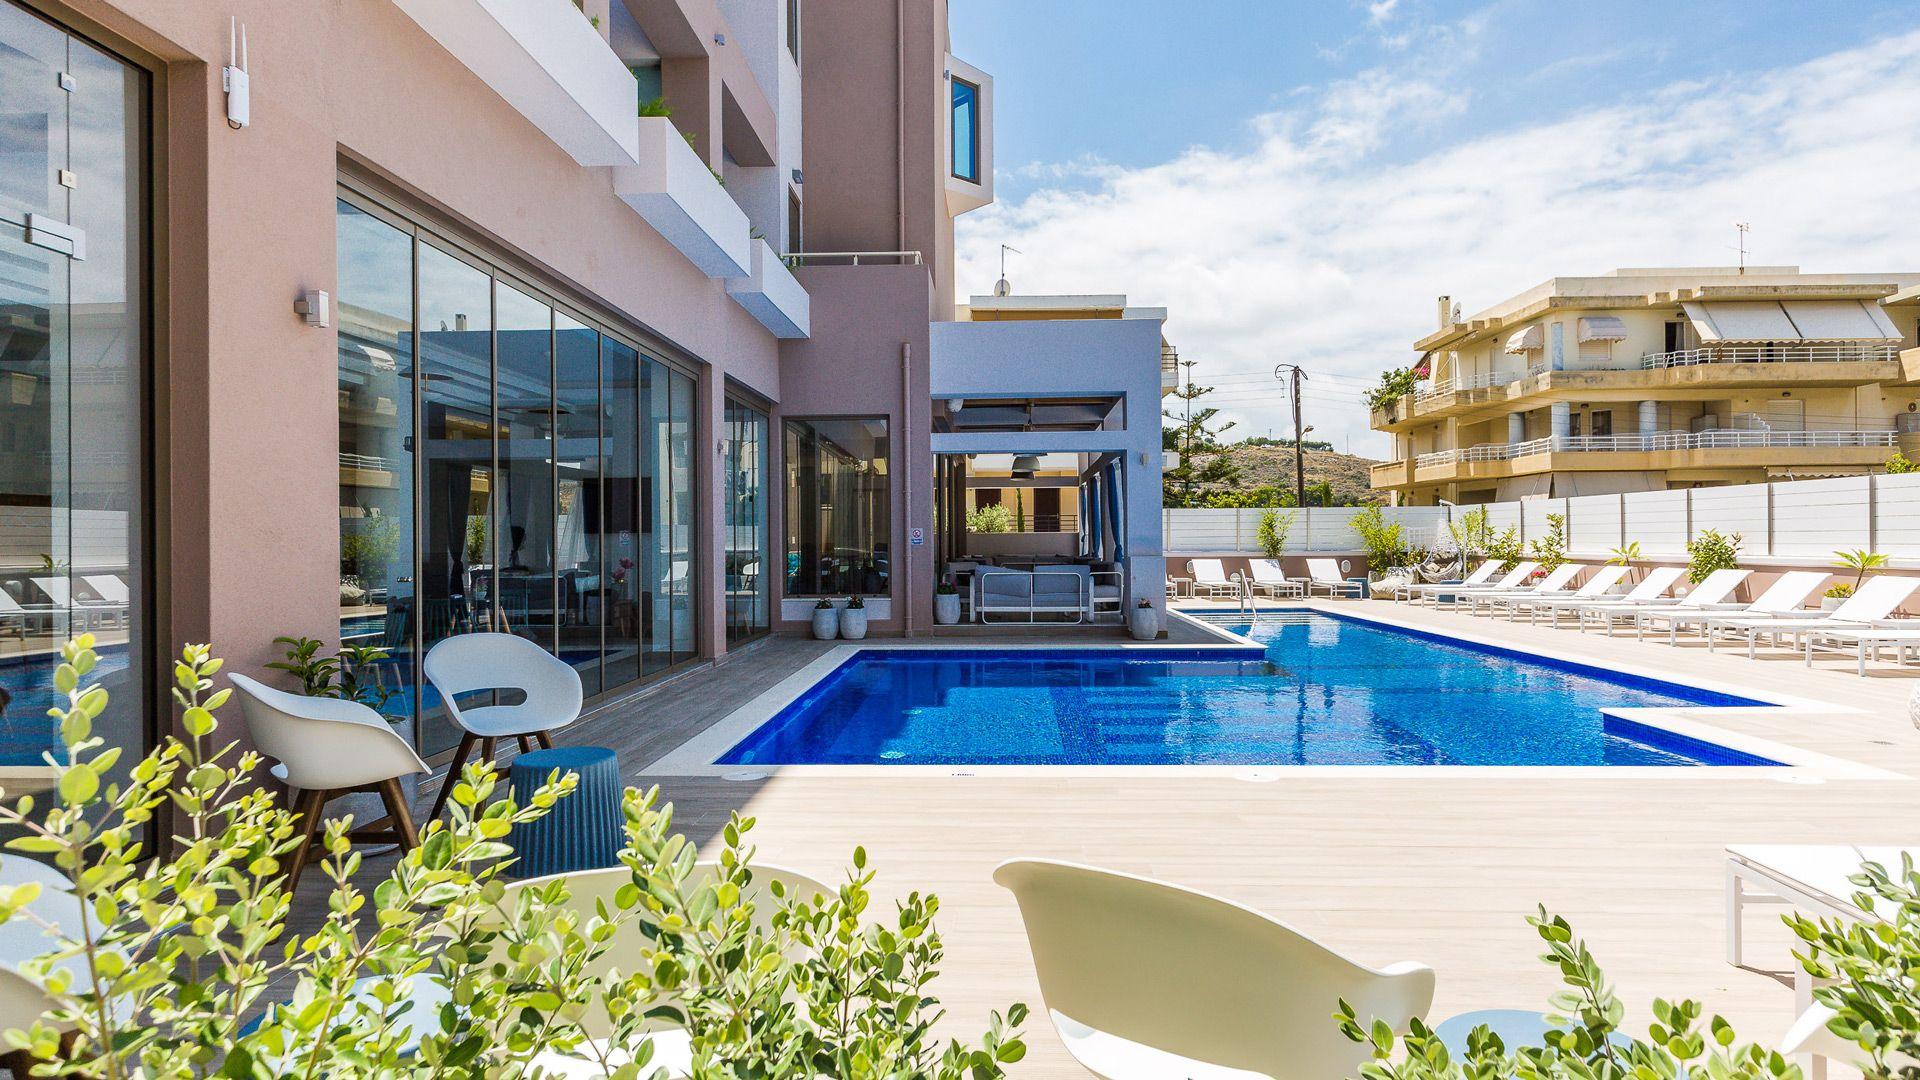 Menta City Boutique Hotel Crete - Ρέθυμνο, Κρήτη ✦ 2 Ημέρες (1 Διανυκτέρευση) ✦ 2 άτομα ✦ Πρωινό ✦ 01/09/2020 έως 25/09/2020 ✦ Free WiFi